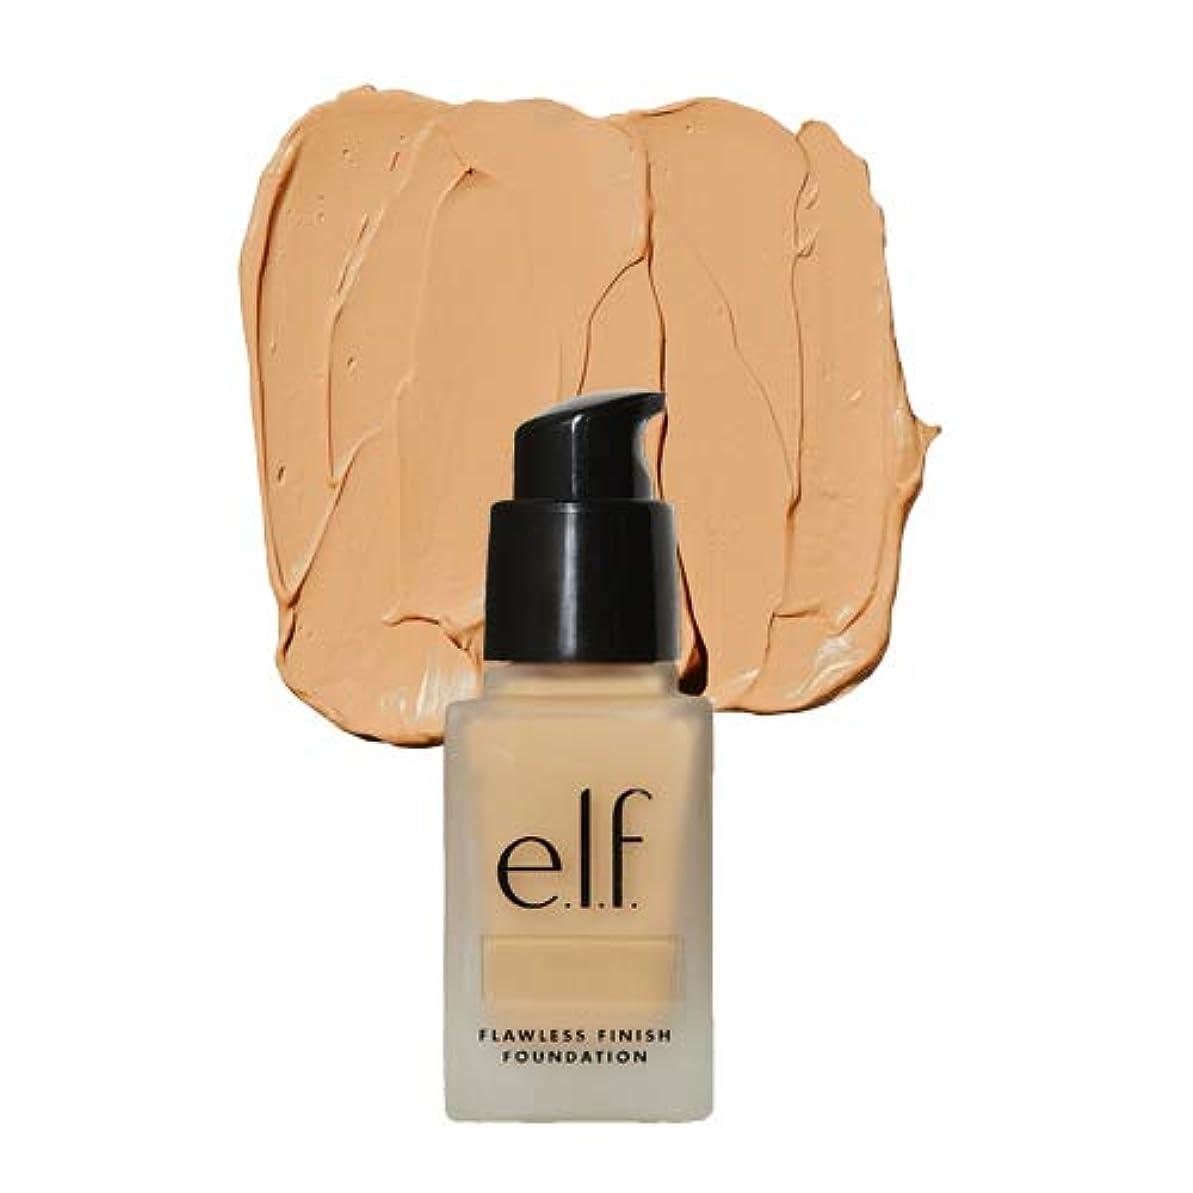 前任者切る十分な(3 Pack) e.l.f. Oil Free Flawless Finish Foundation - Buff (並行輸入品)